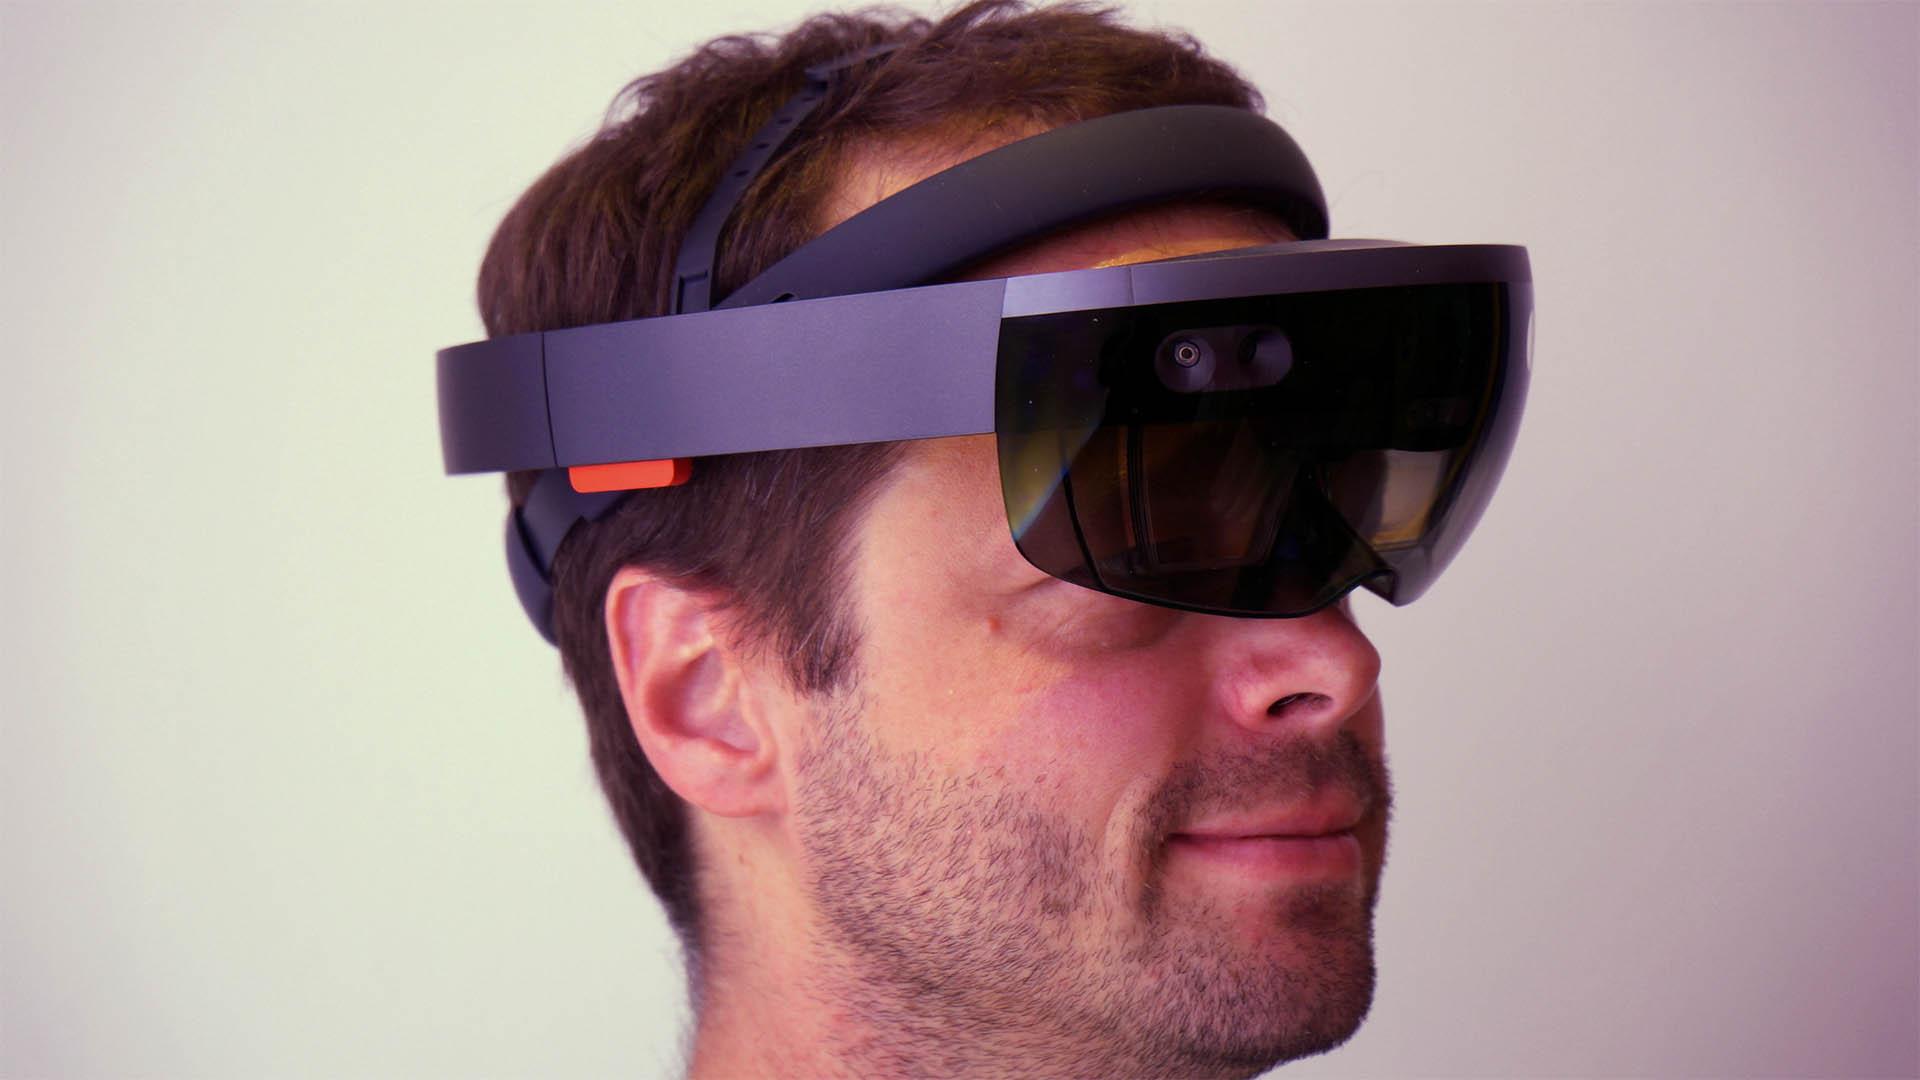 Mitarbeiter von Microsoft protestieren dagegen, dass die 3D-Brille des Hauses dem US-Militär zur Verfügung gestellt werden soll.